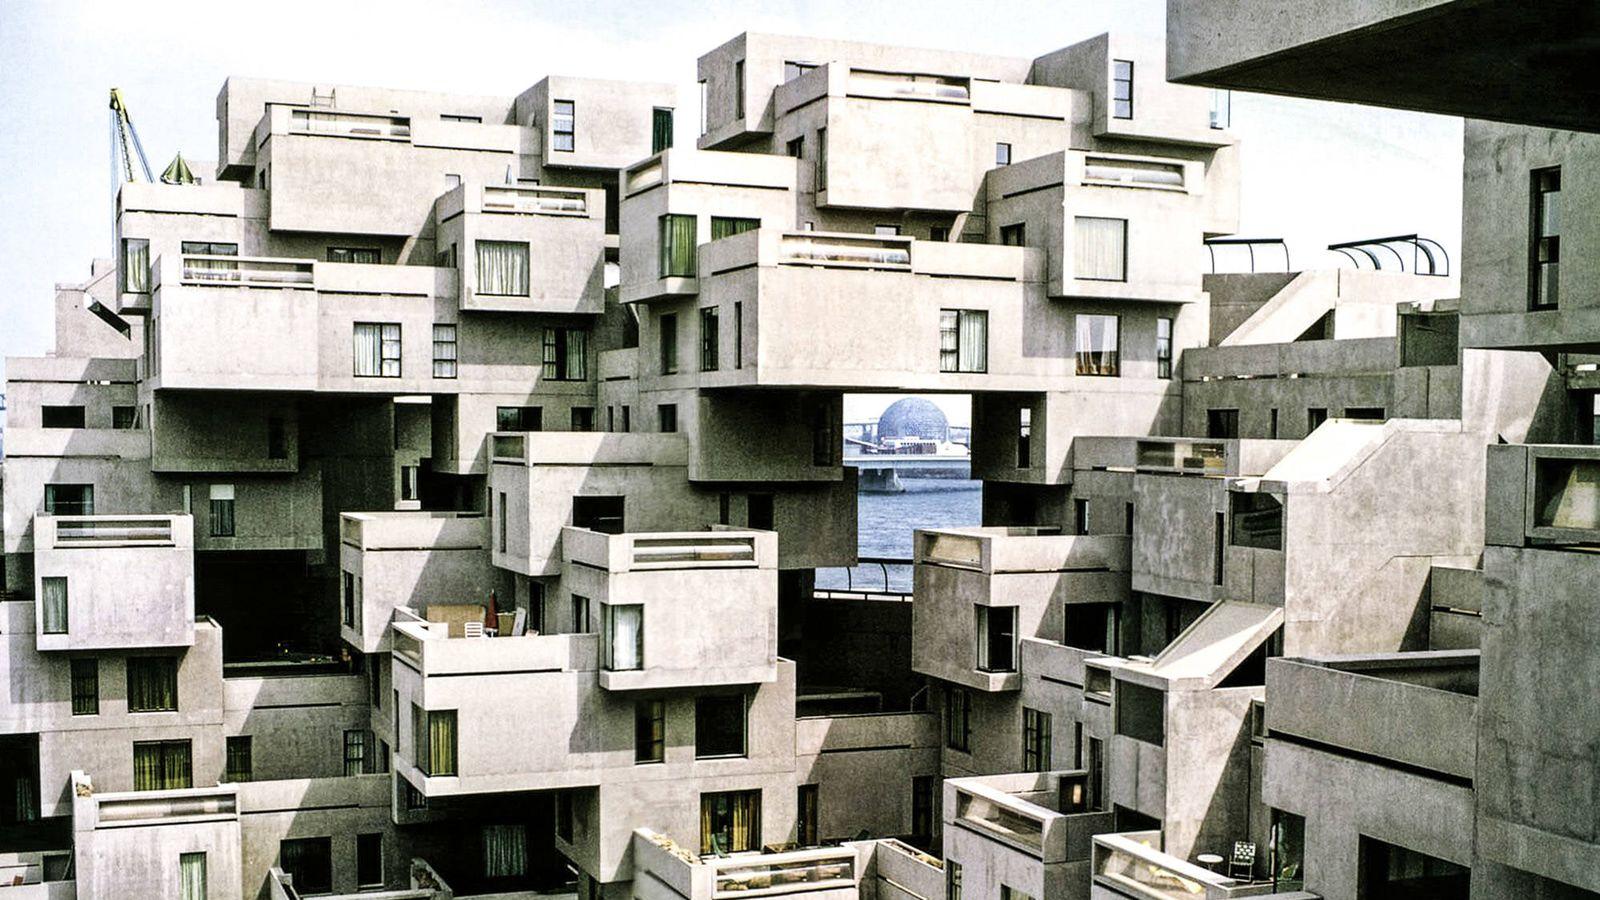 Artes Arquitectura Brutalista Noticias De Reportajes